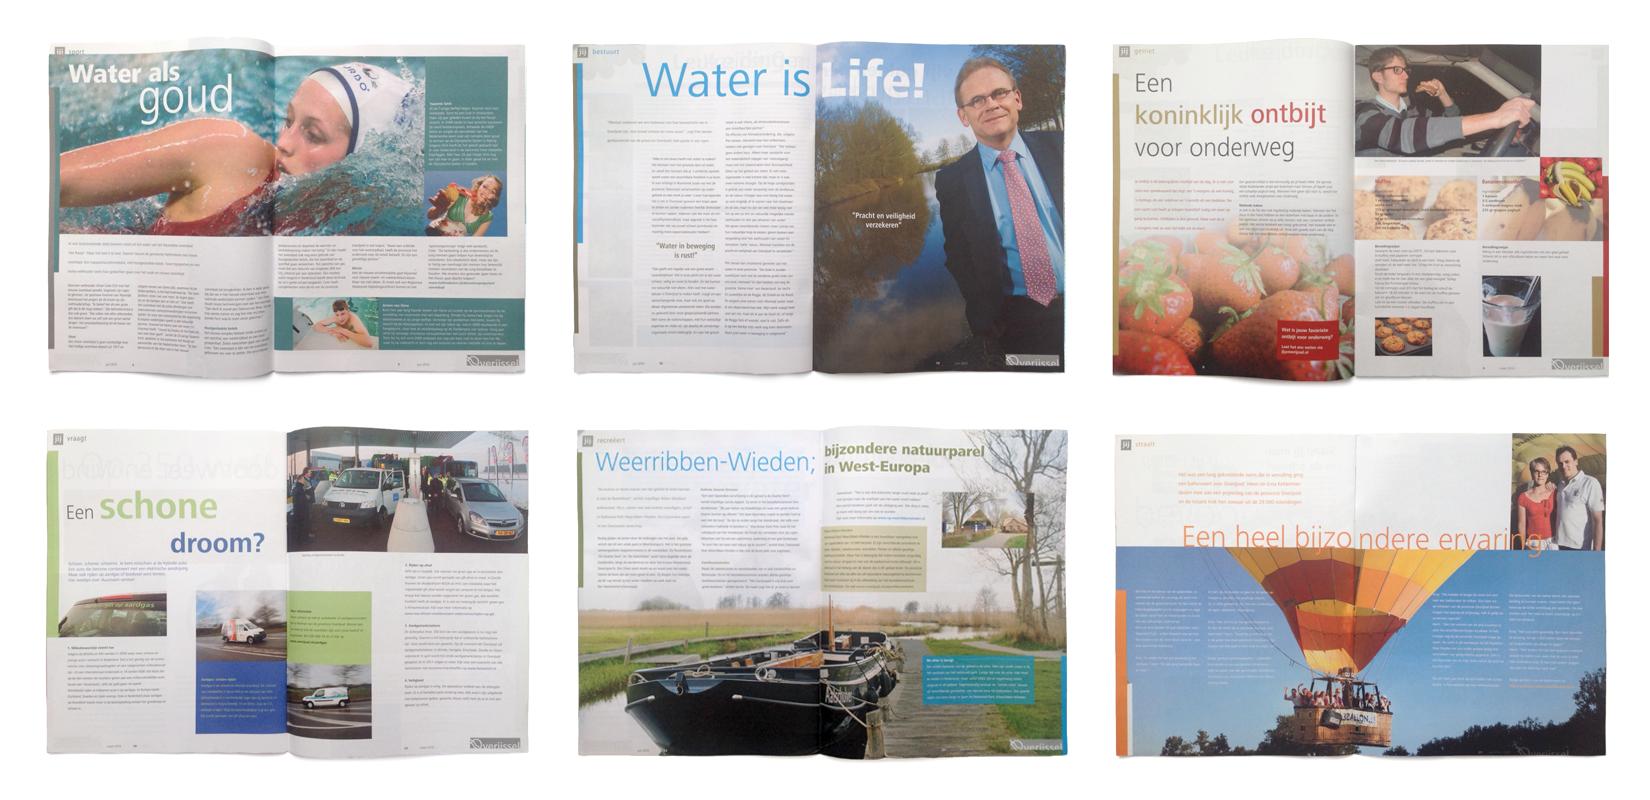 Magazine Jij & Overijssel